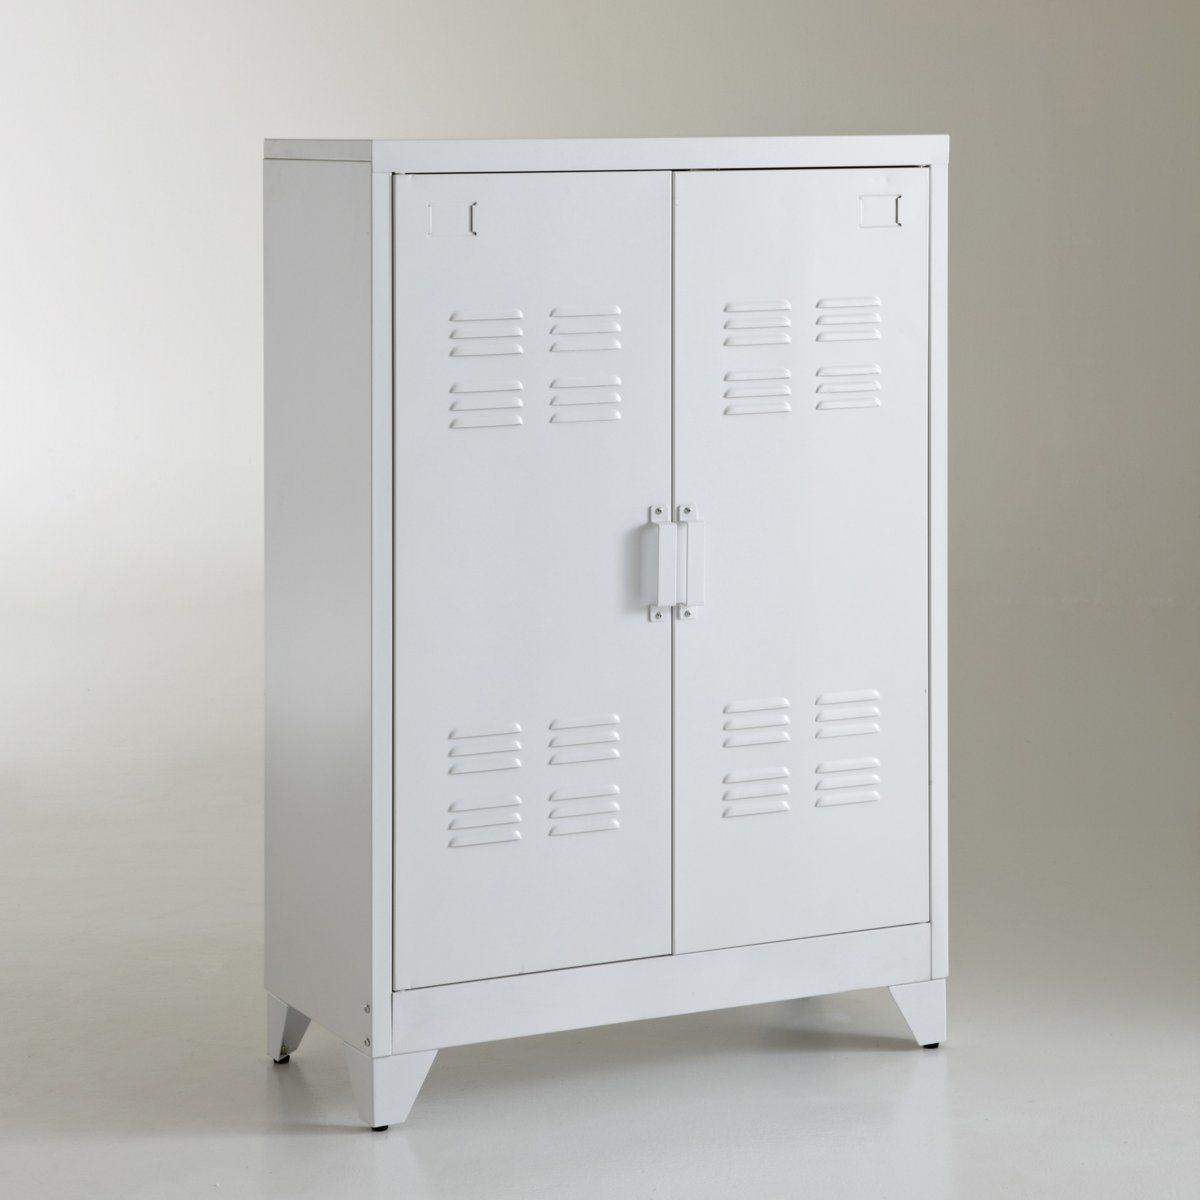 Шкаф вестибюльный из металла HibaШкаф металлический с 2 дверками Hiba, идеален для антресоли, в стиле нео-индустриальной гардеробной : в минималистическом и солидном стиле .Для версии серый металлик, эффект старины делает каждое изделие уникальным . Неоднородность, которая может проявиться, подчеркивает аутентичность изделия .Описание шкафа для анресоли Hiba  :2 полкиХарактеристики шкафа Hiba  :Металл с эпоксидным покрытием Найдите другую мебель и модели из коллекции Hiba на нашем сайте .ru.Размеры шкафа Hiba :Общие : Ширина : 75 см.Высота : 110 см.Глубина : 33 см.Полезные размеры :74,70 x 91,30 x 29 см Размеры и вес посылки :1 посылка116 x 22 x 47 см  23 кг Доставка :Шкаф металлический для гардеробной, Hiba продается готовым к сборке  . Доставка до квартиры !Внимание ! Убедитесь в том, что посылку возможно доставить на дом, учитывая ее габариты.<br><br>Цвет: розовый